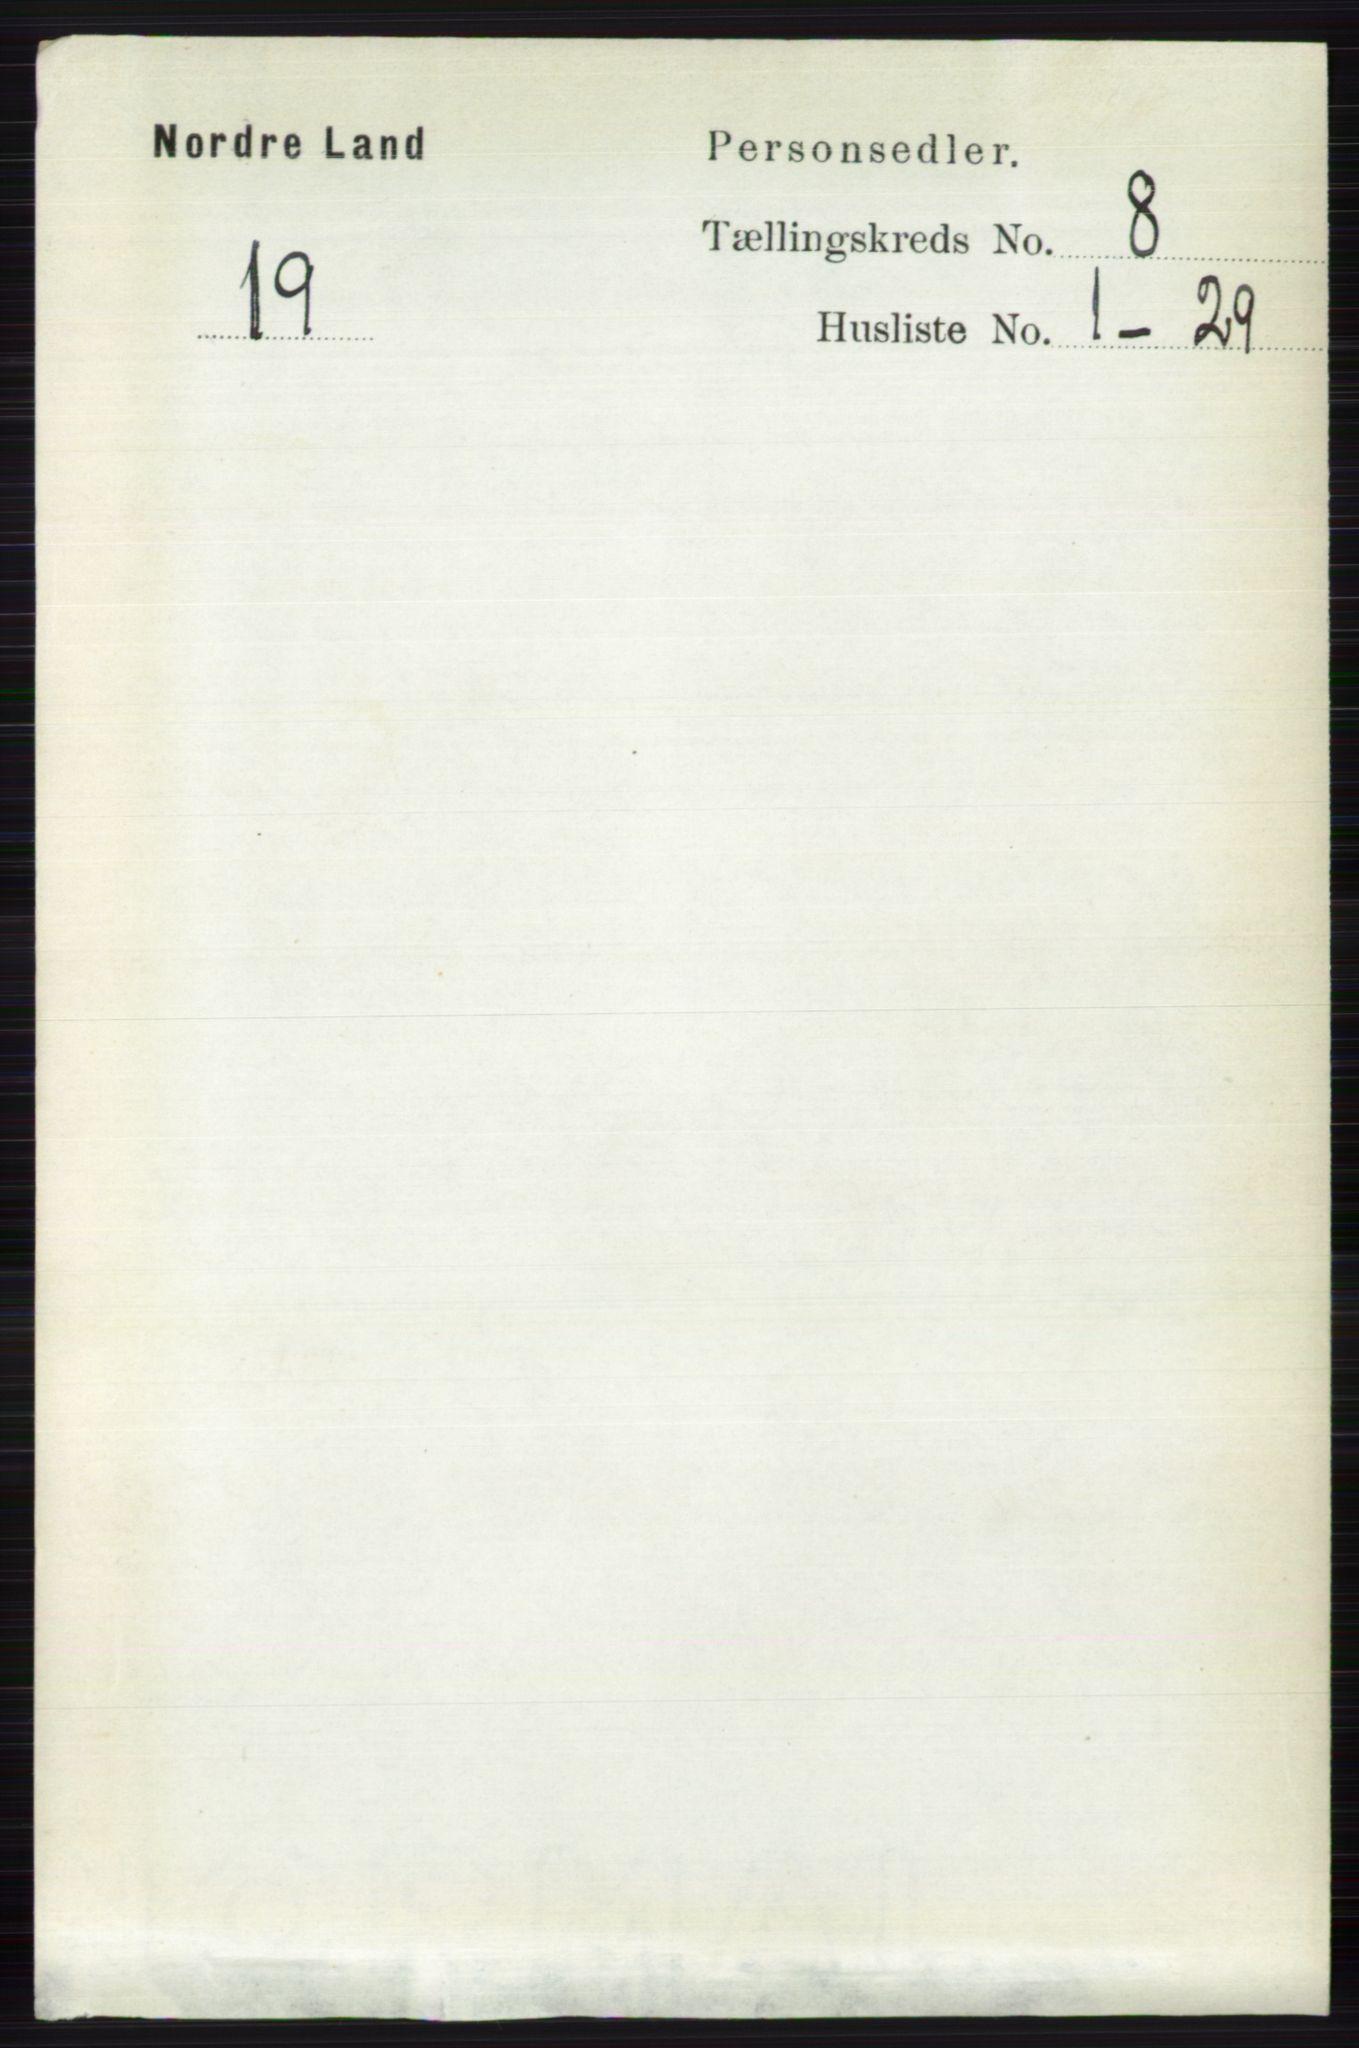 RA, Folketelling 1891 for 0538 Nordre Land herred, 1891, s. 2207